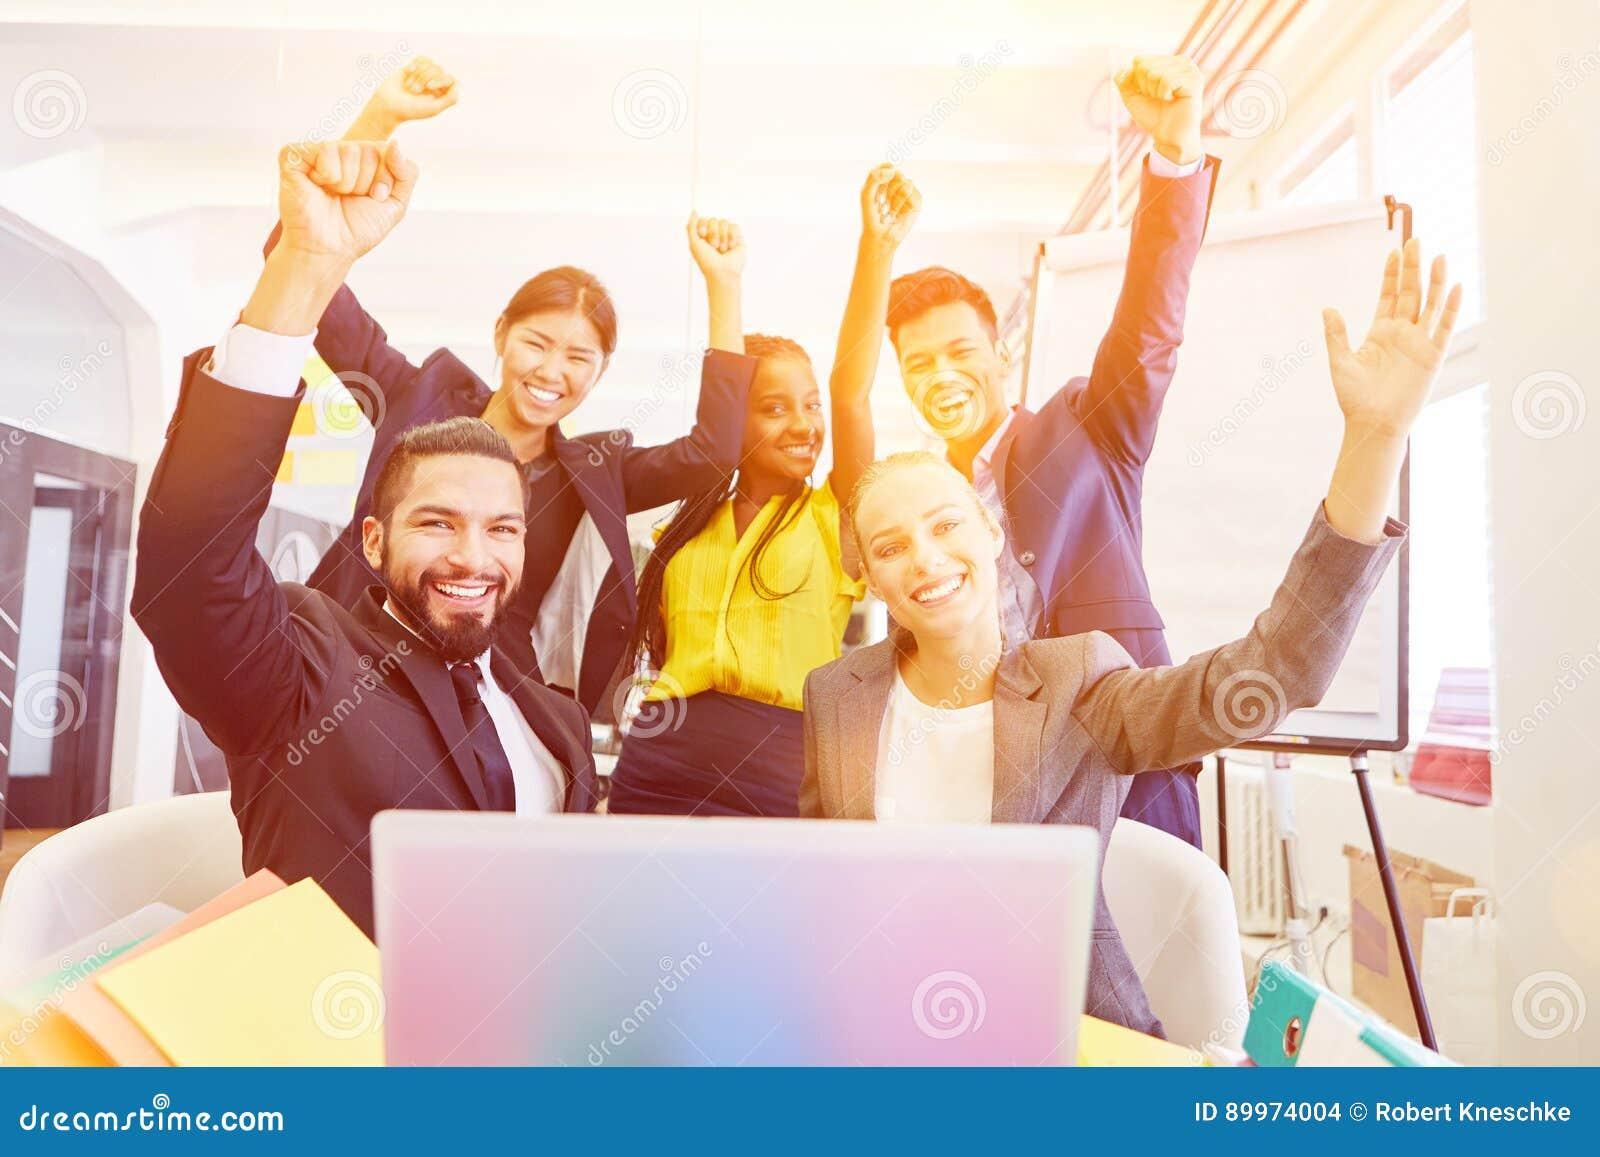 Start-up lag under beröm